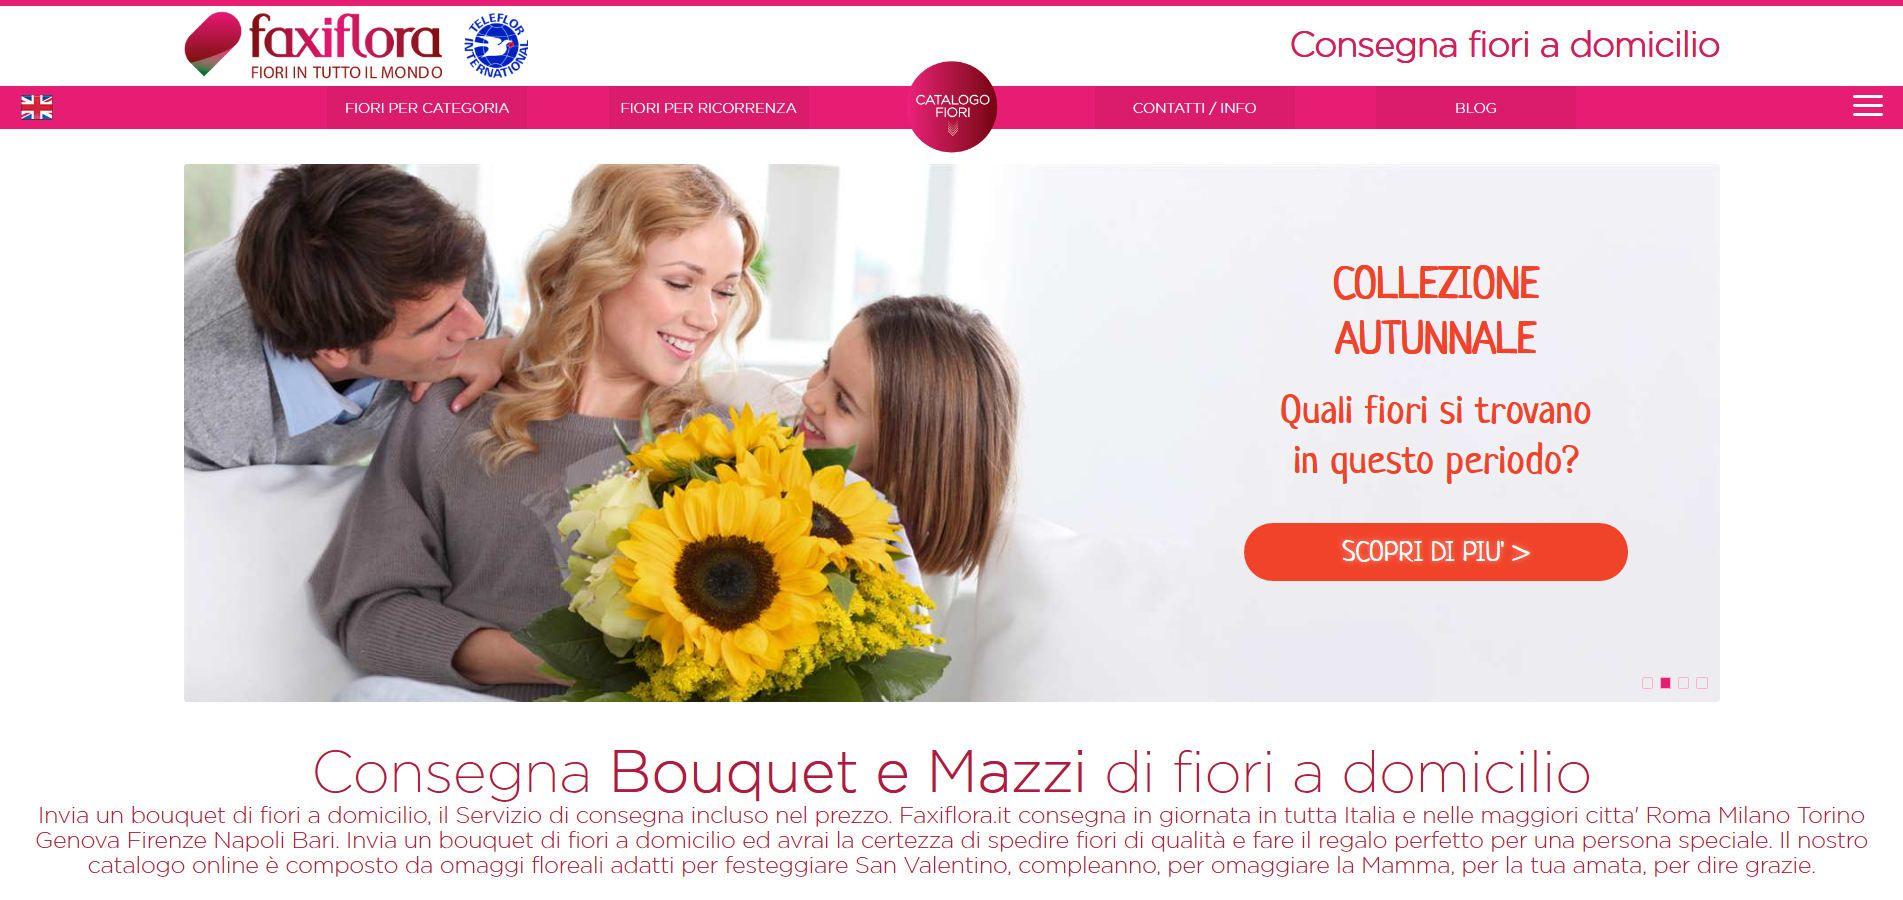 Fiori A Domicilio Milano.Consegna Fiori A Domicilio In Giornata Spedizione Fiori Online In